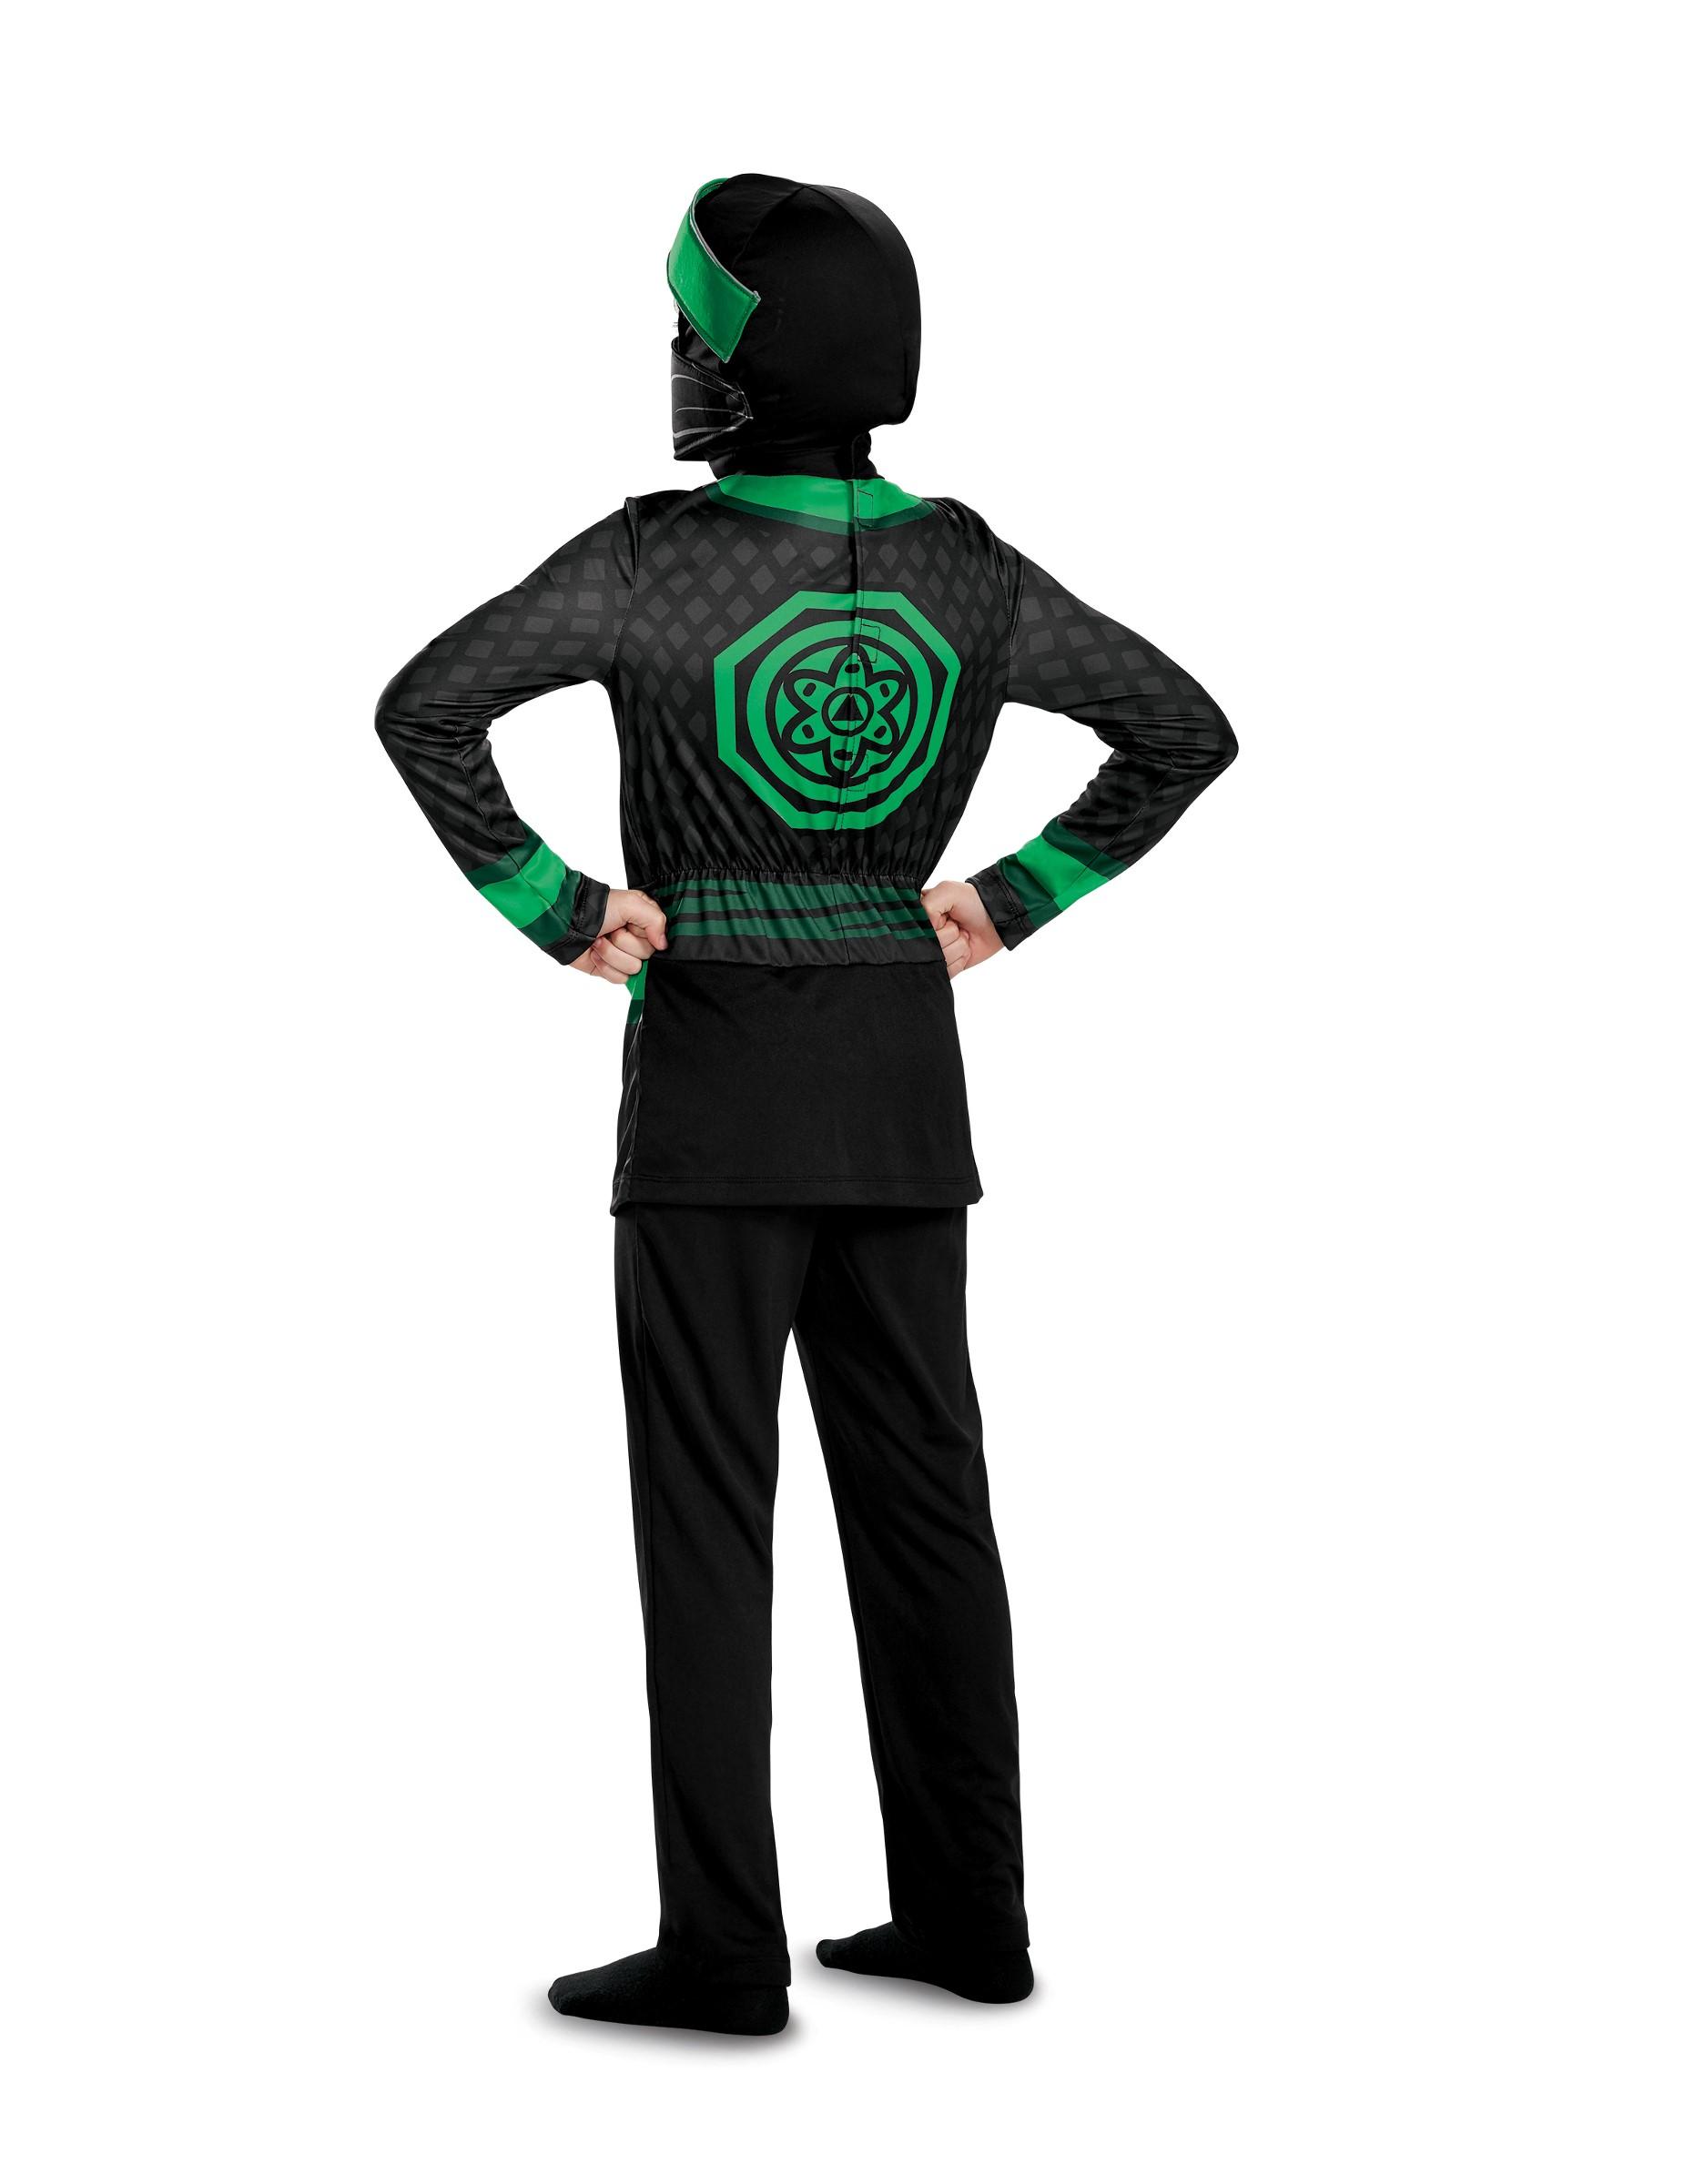 Lloyd från Ninjago™ - Maskeraddräkt för barn från Lego®-1 31924bc9922e2